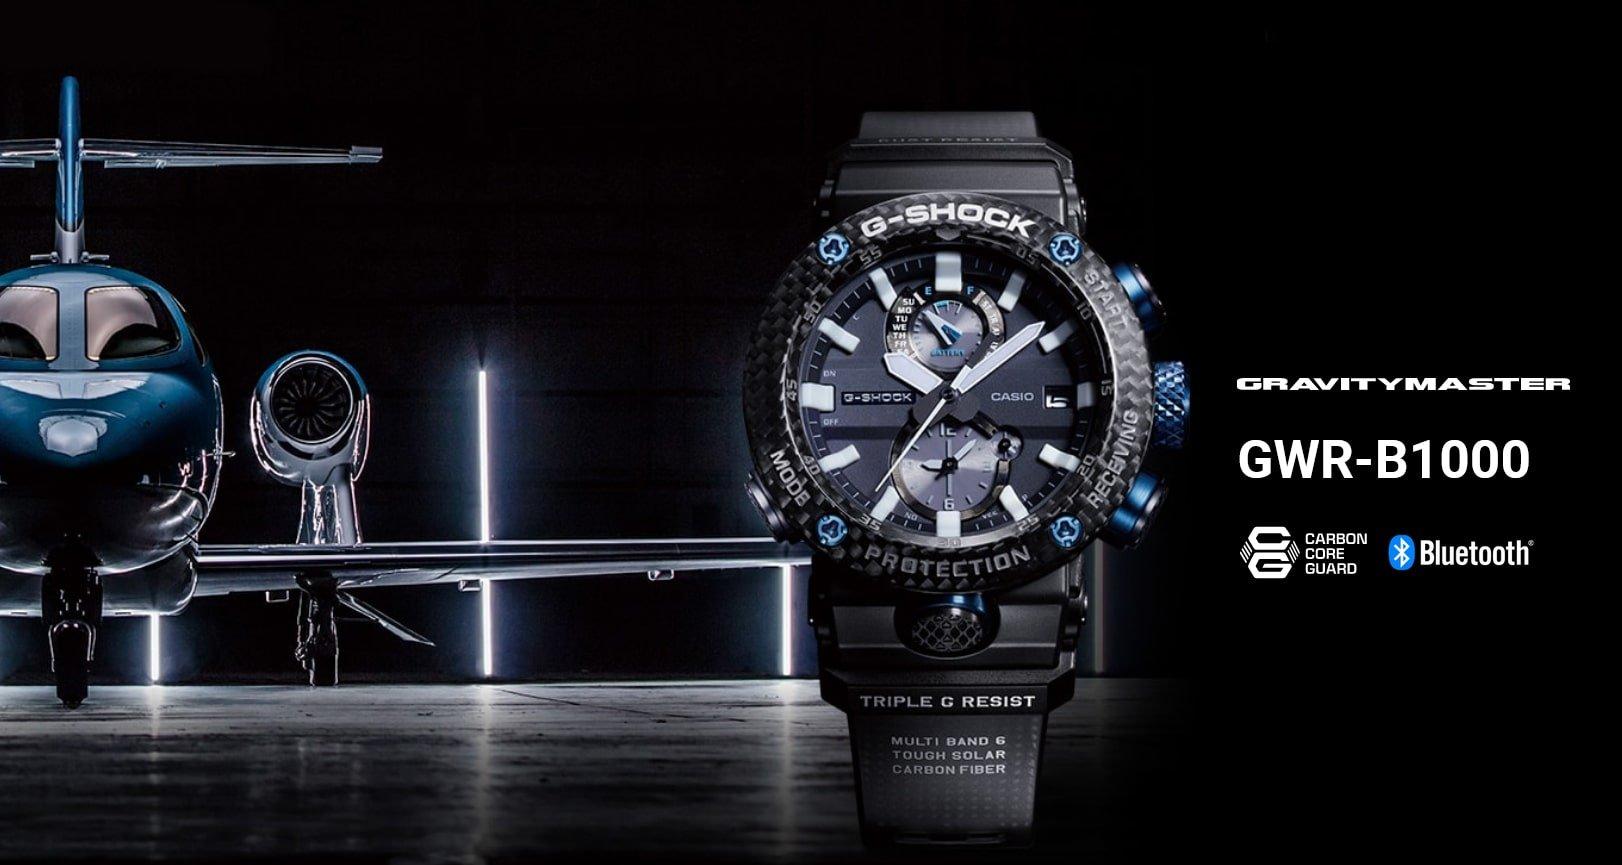 Sportowy, męski zegarek G-Shock GWR-B1000 Gravitymaster na pasku z tworzywa sztucznego w czarnym kolorze. Okrągła, koperta została wykonana z karbonu i jest w czarnym kolorze. Analogowa tarcza zegarka jest w czarnym kolorze z dwoma subtarczami oraz datownikiem na godzinie szóstej. Przyciski oraz tarcze posiadają niebieskie ozdobniki.